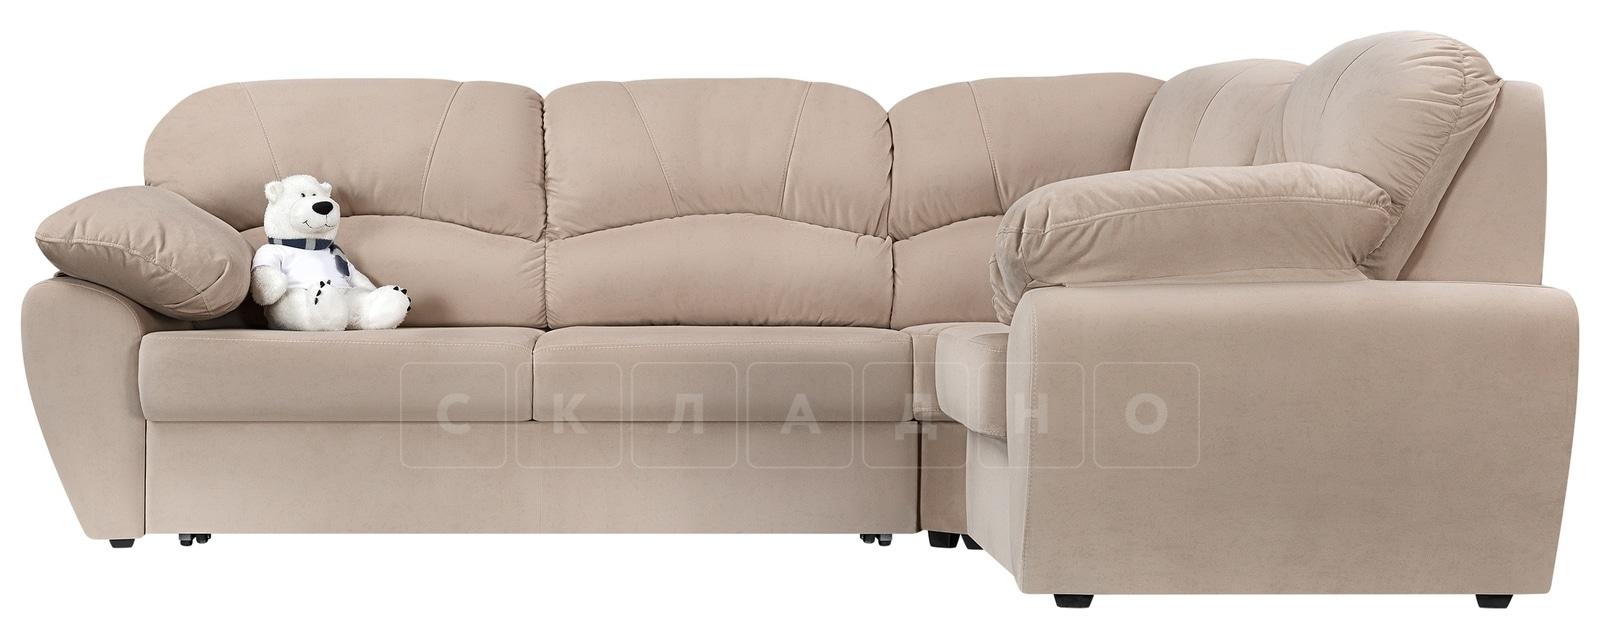 Угловой диван Эвита велюр бежевый правый угол фото 2 | интернет-магазин Складно